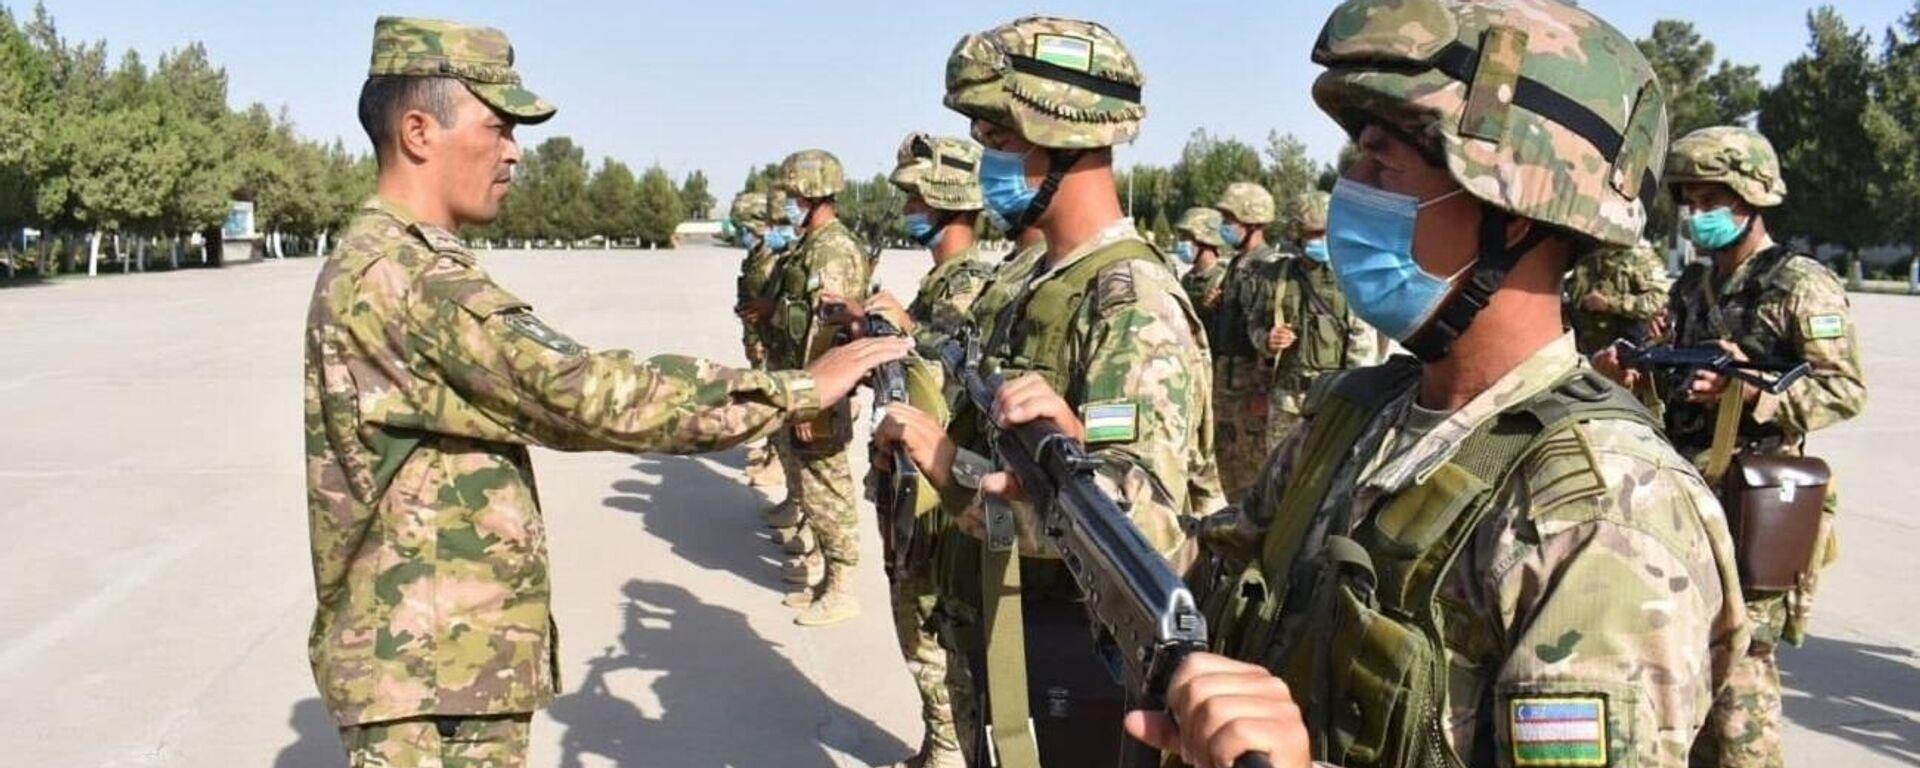 Силы ПВО Узбекистана проводят учебные сборы на границе с Афганистаном - Sputnik Ўзбекистон, 1920, 07.09.2021